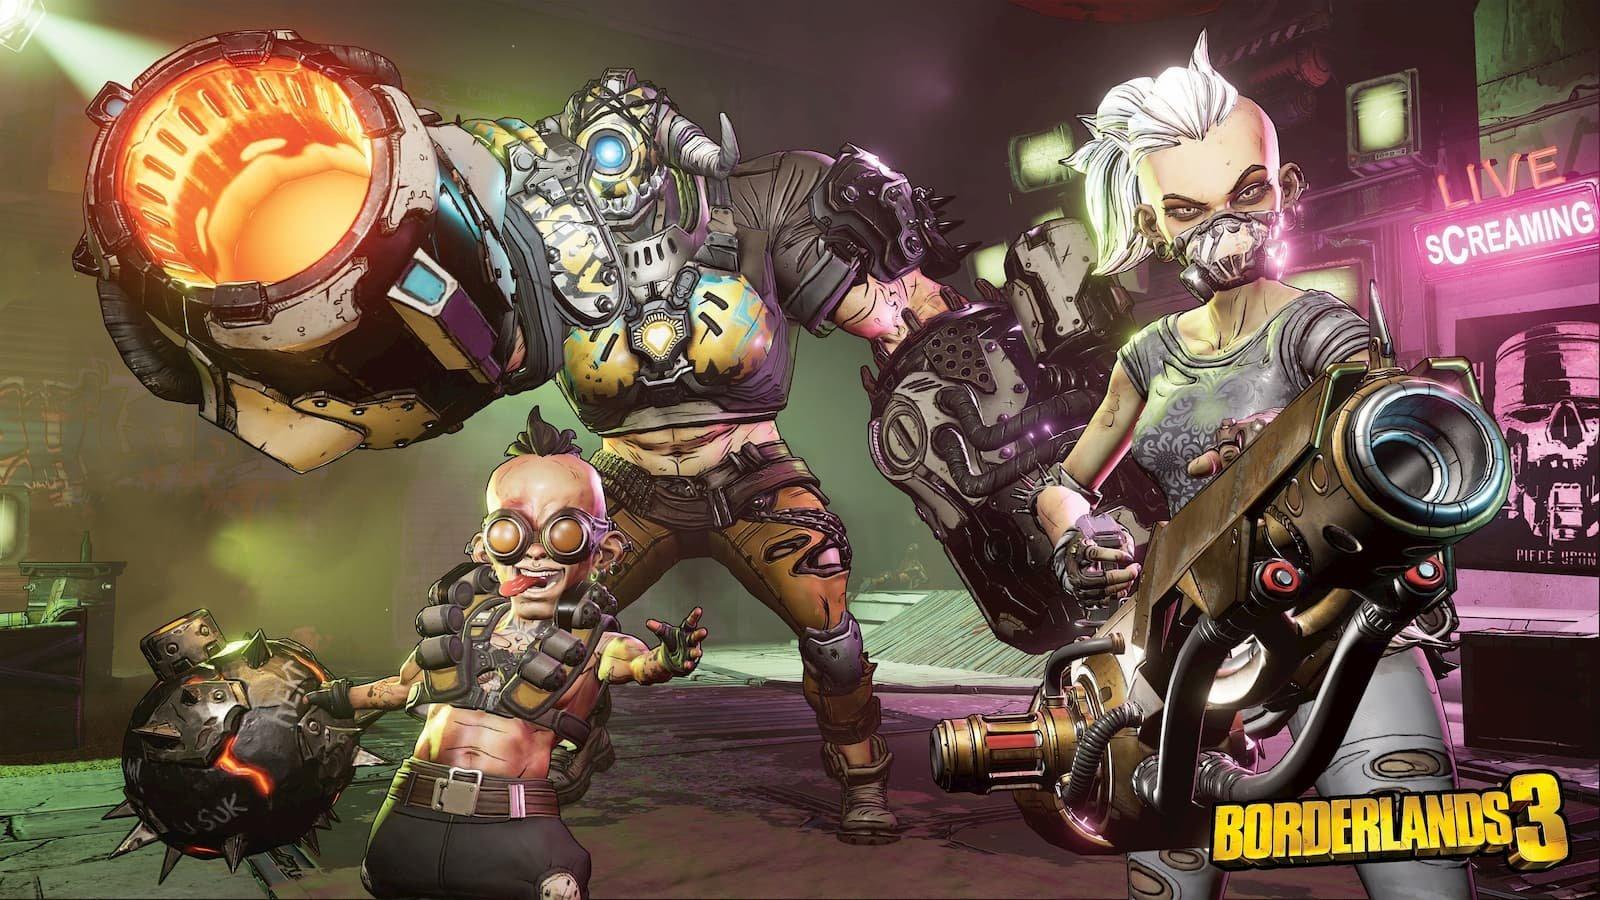 Fani looter shooterów, radujcie siê. Ju¿ za dwa tygodnie obejrzycie pierwszy gameplay Borderlands 3